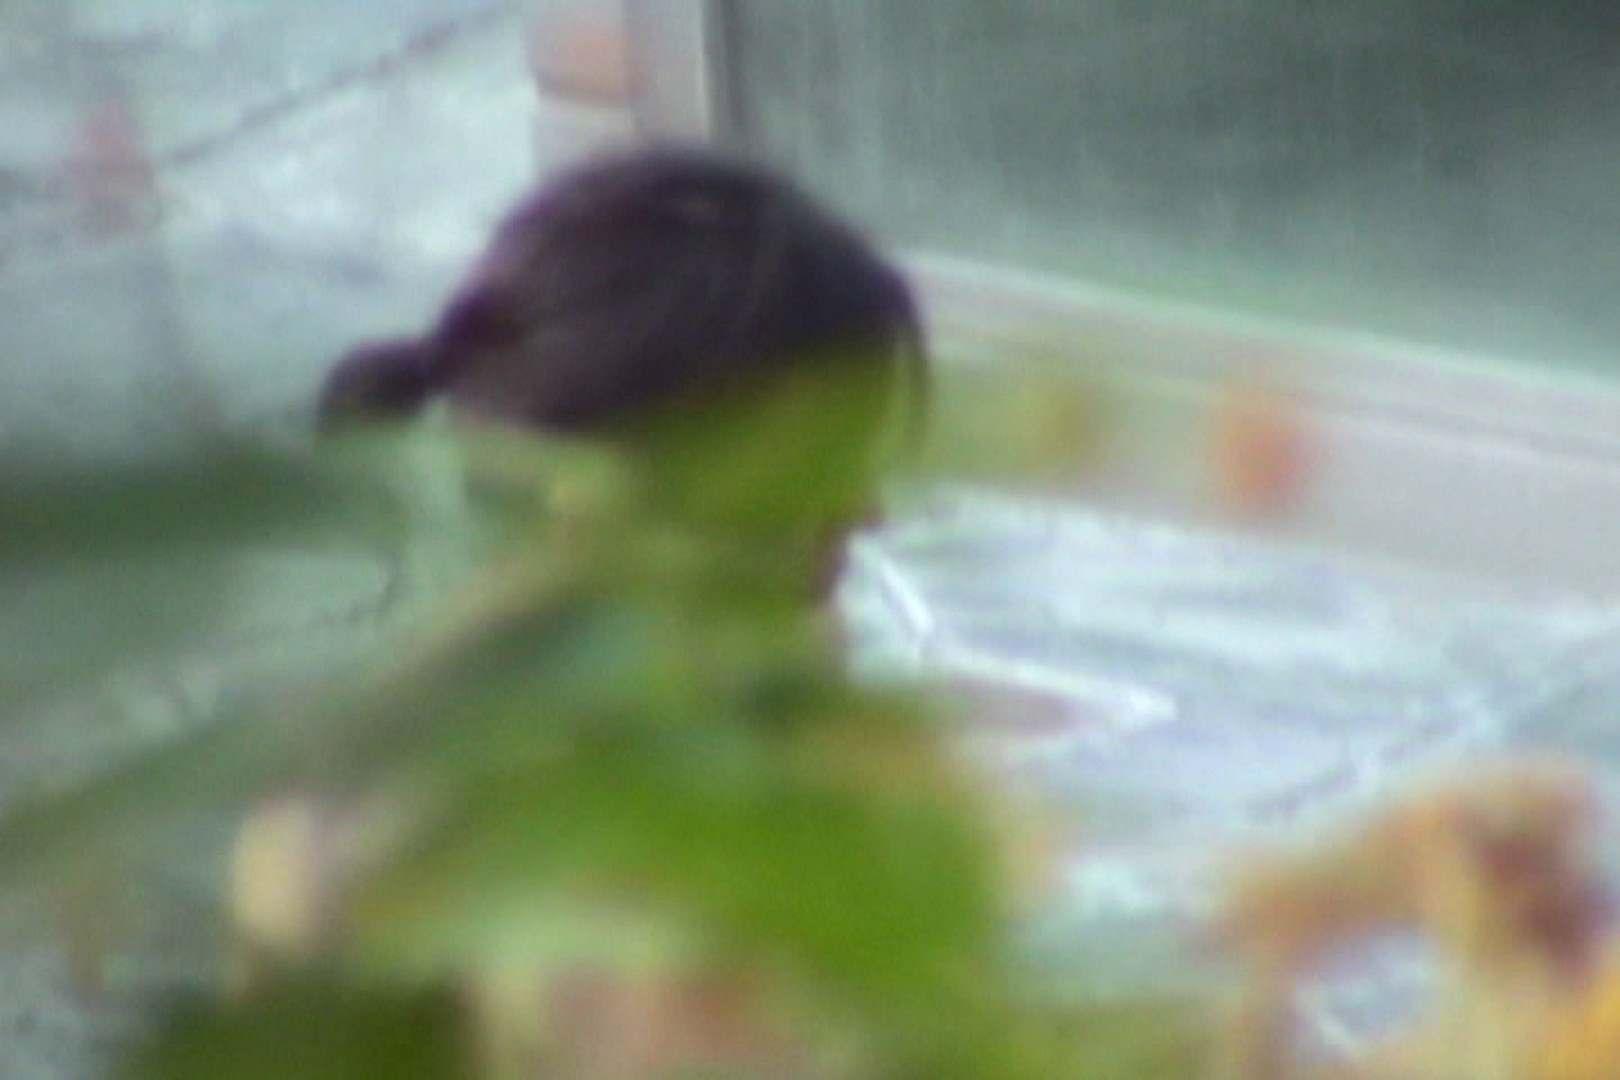 Aquaな露天風呂Vol.701 いやらしいOL すけべAV動画紹介 89連発 17